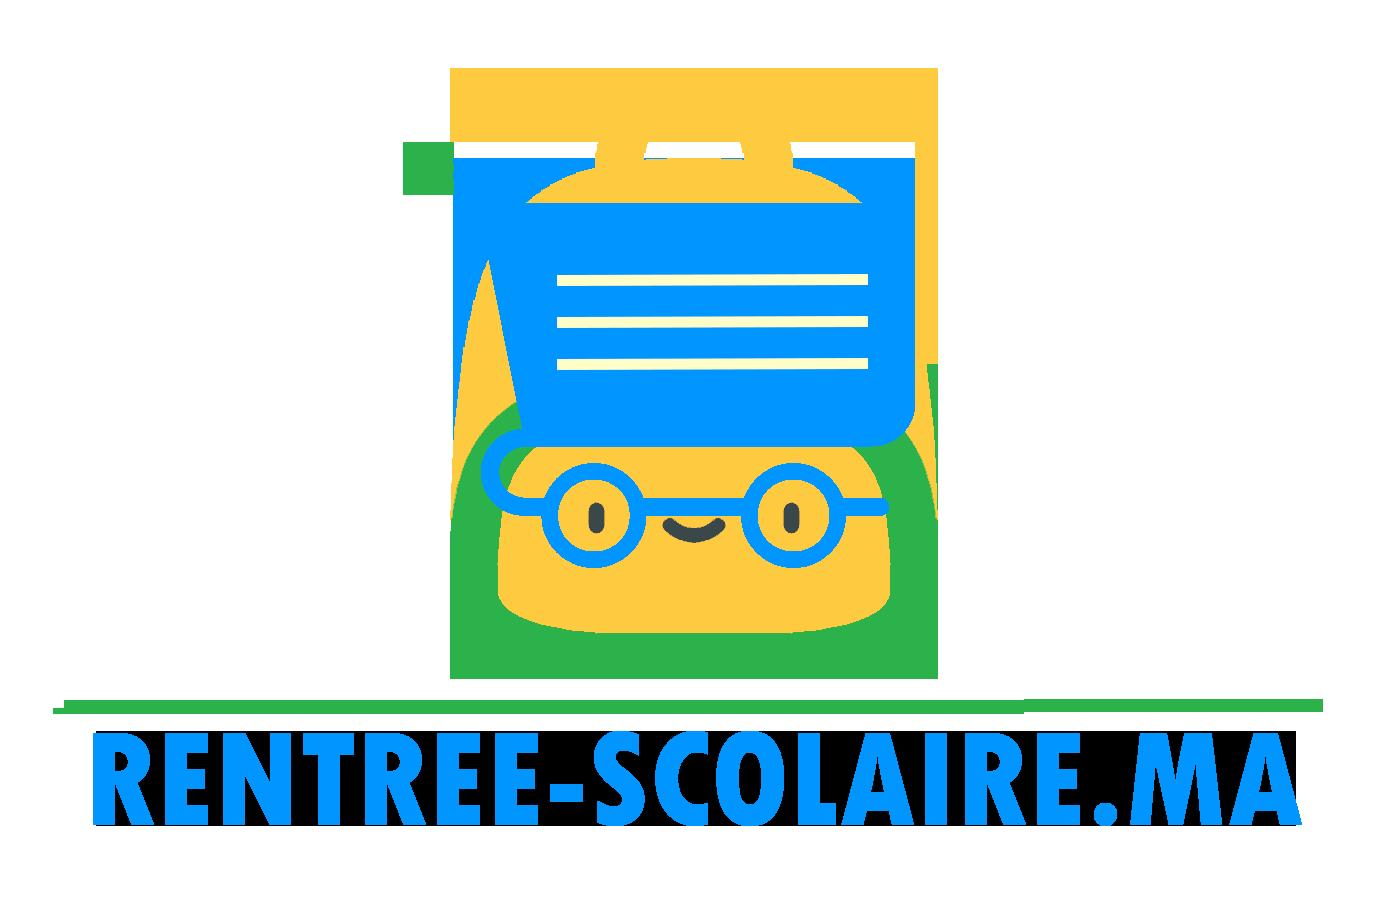 logo-rentree-scolaire